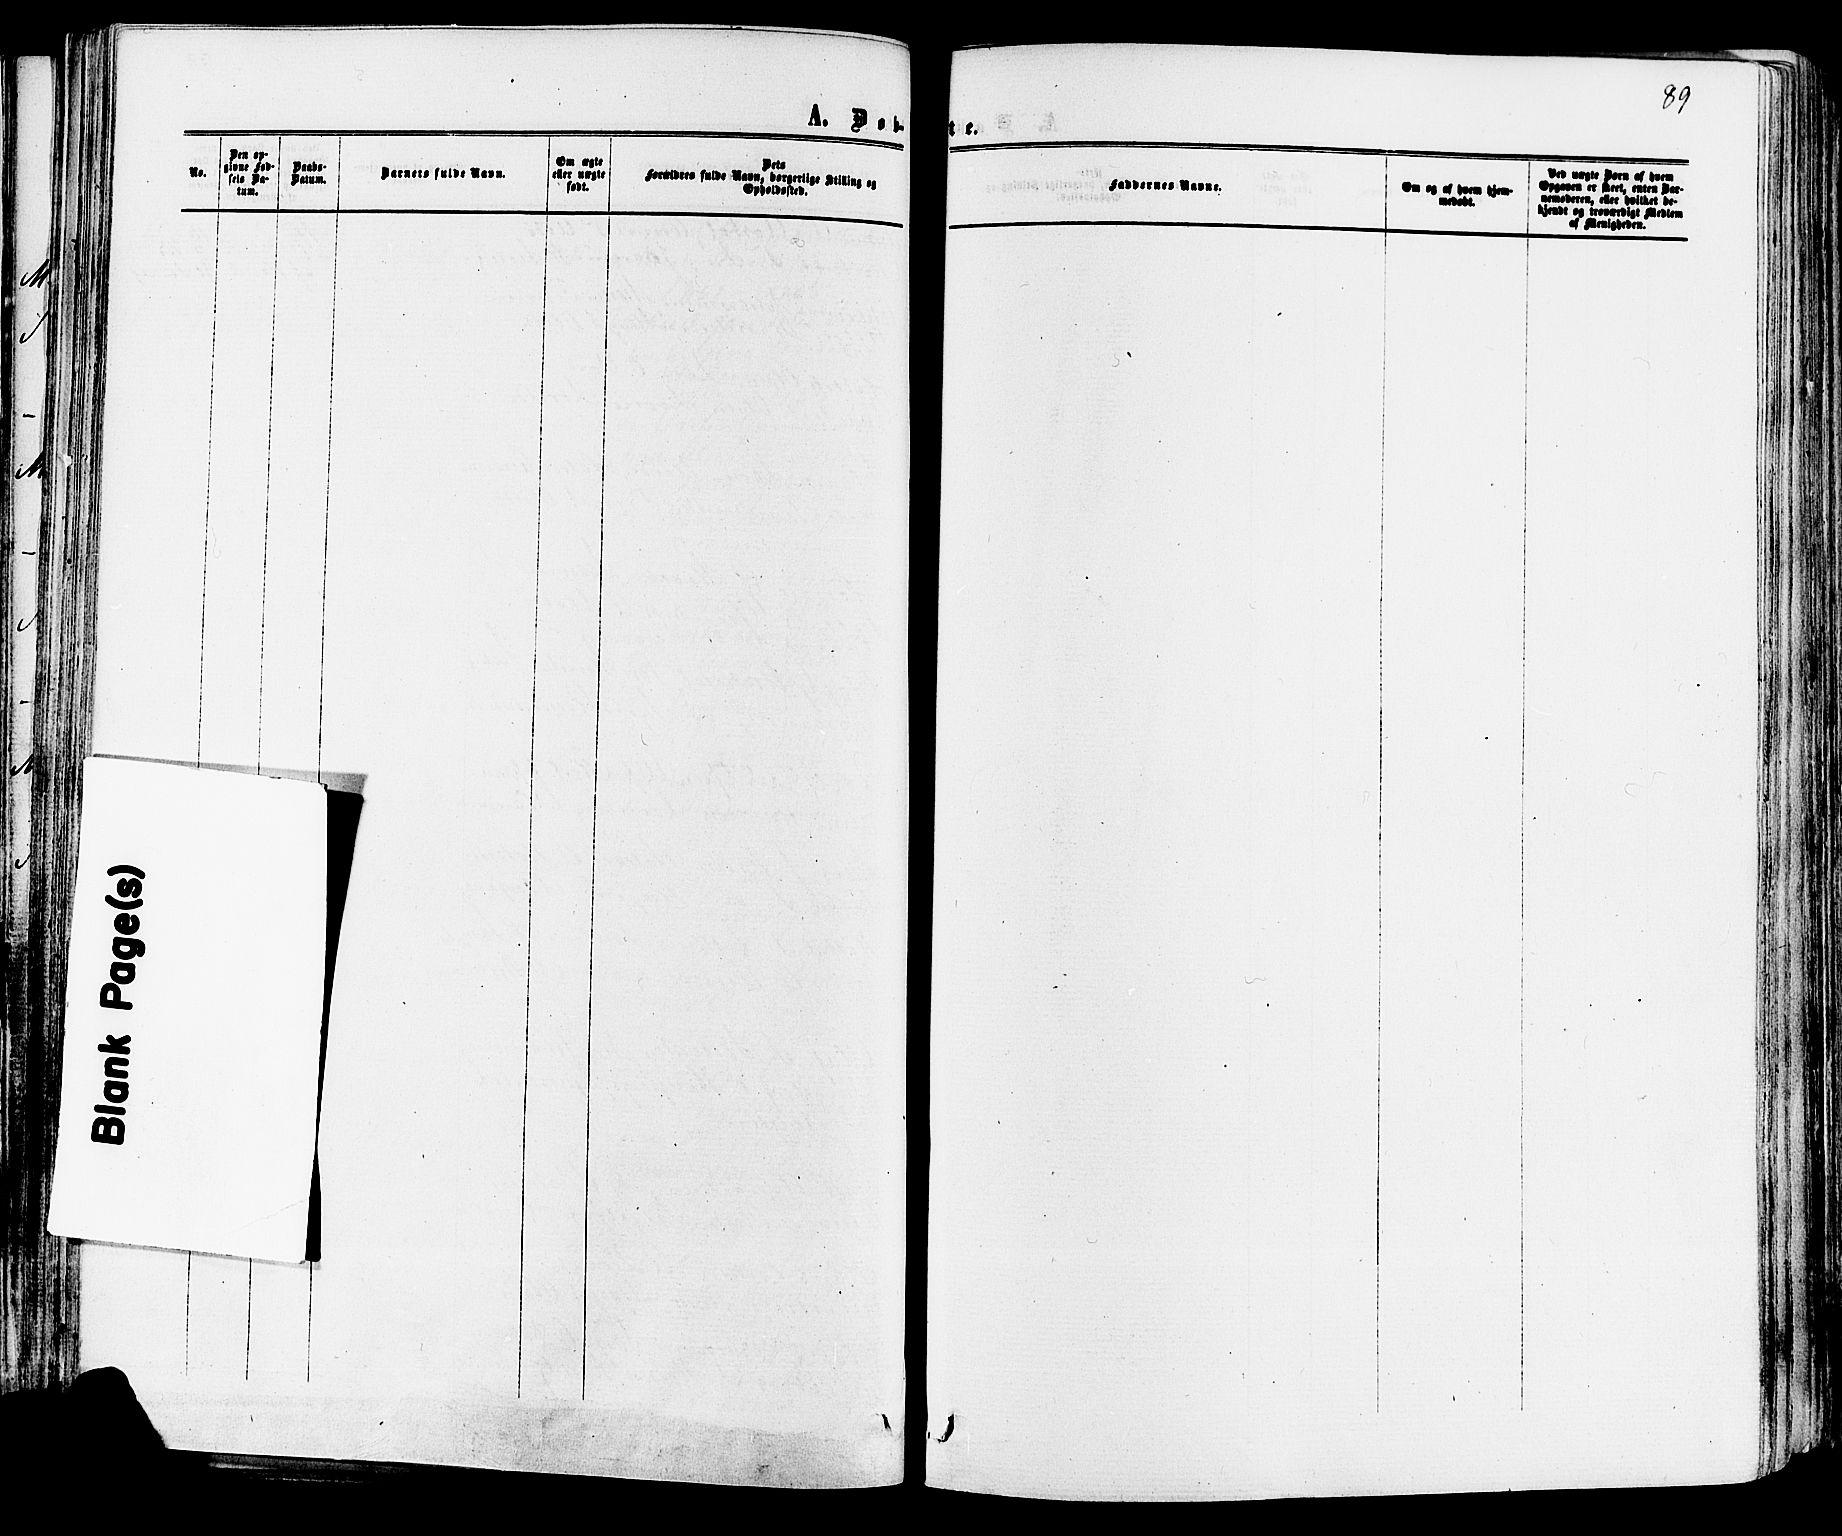 SAKO, Mo kirkebøker, F/Fa/L0006: Ministerialbok nr. I 6, 1865-1885, s. 89